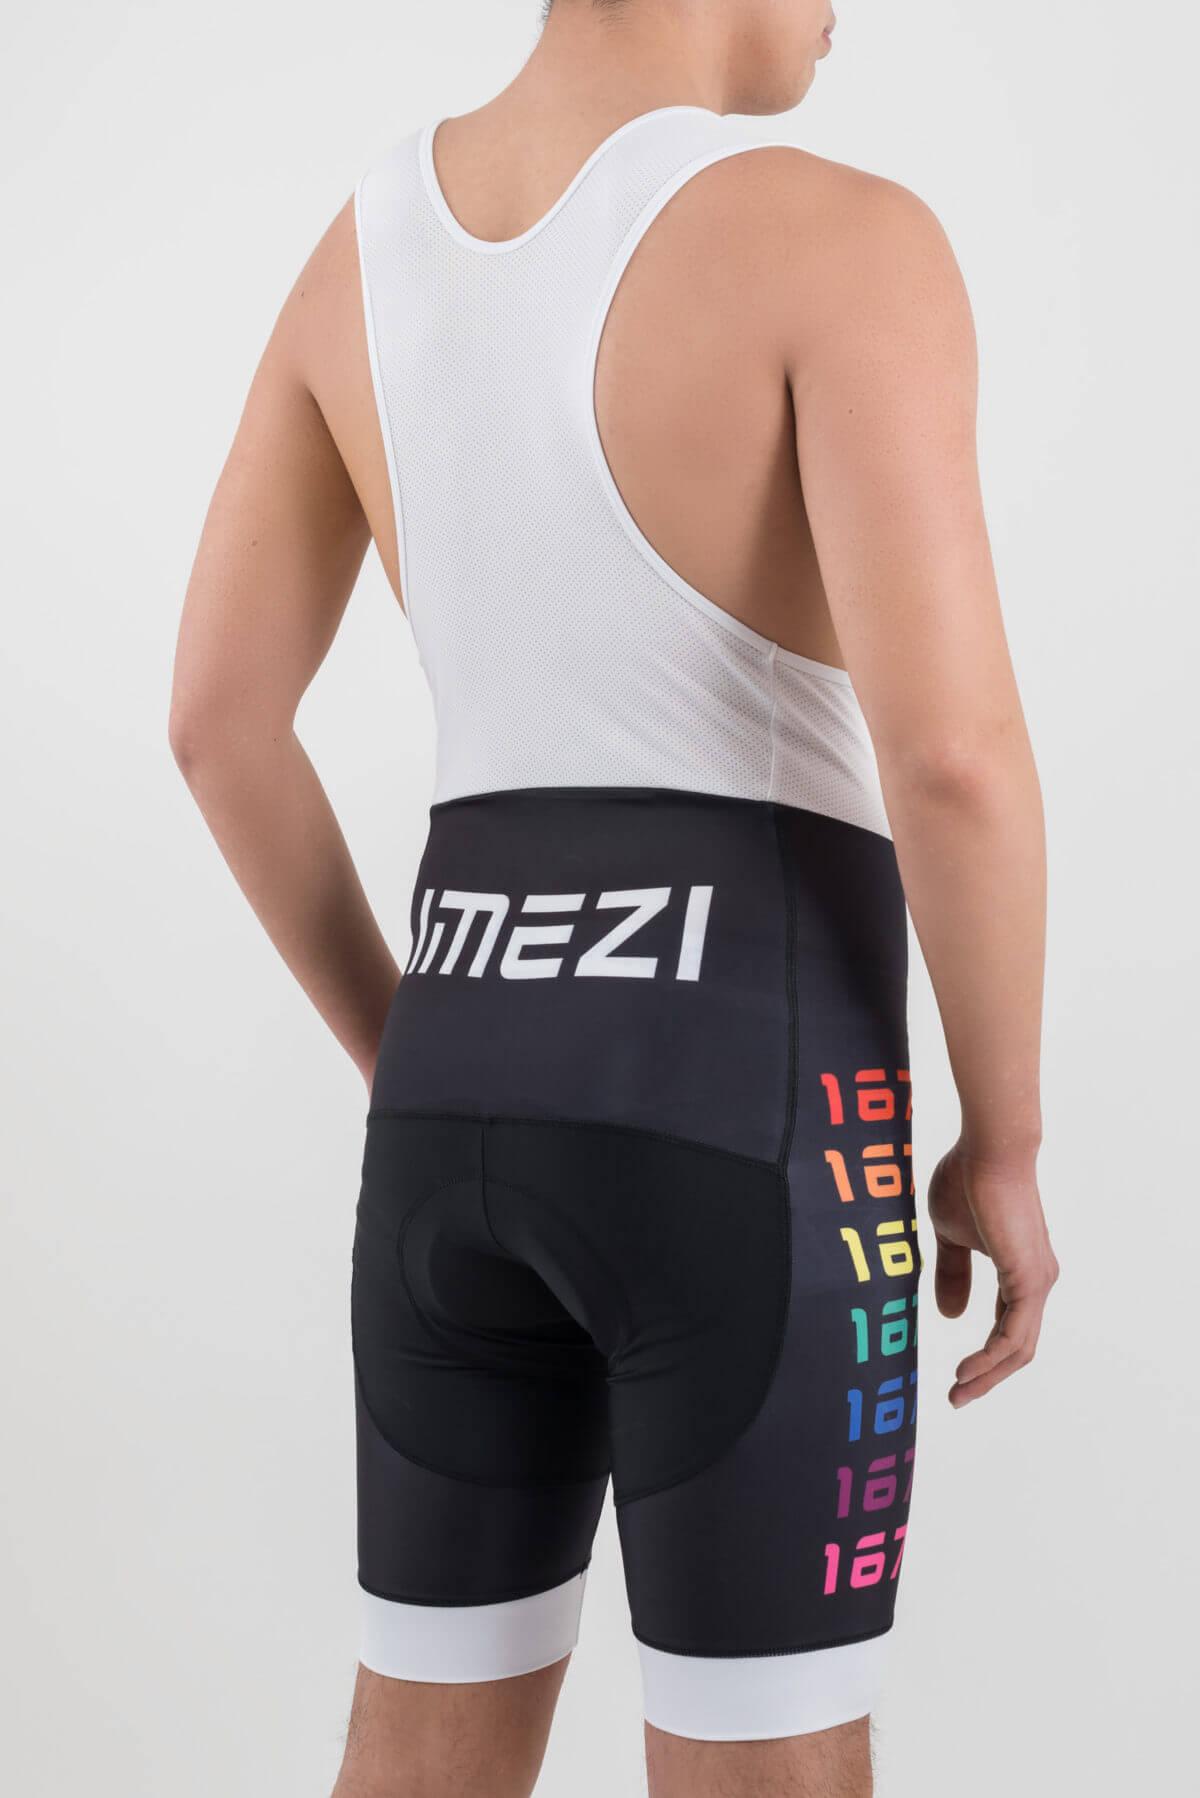 メンズサイクルウエア(imeZi)ビブショーツ右背面